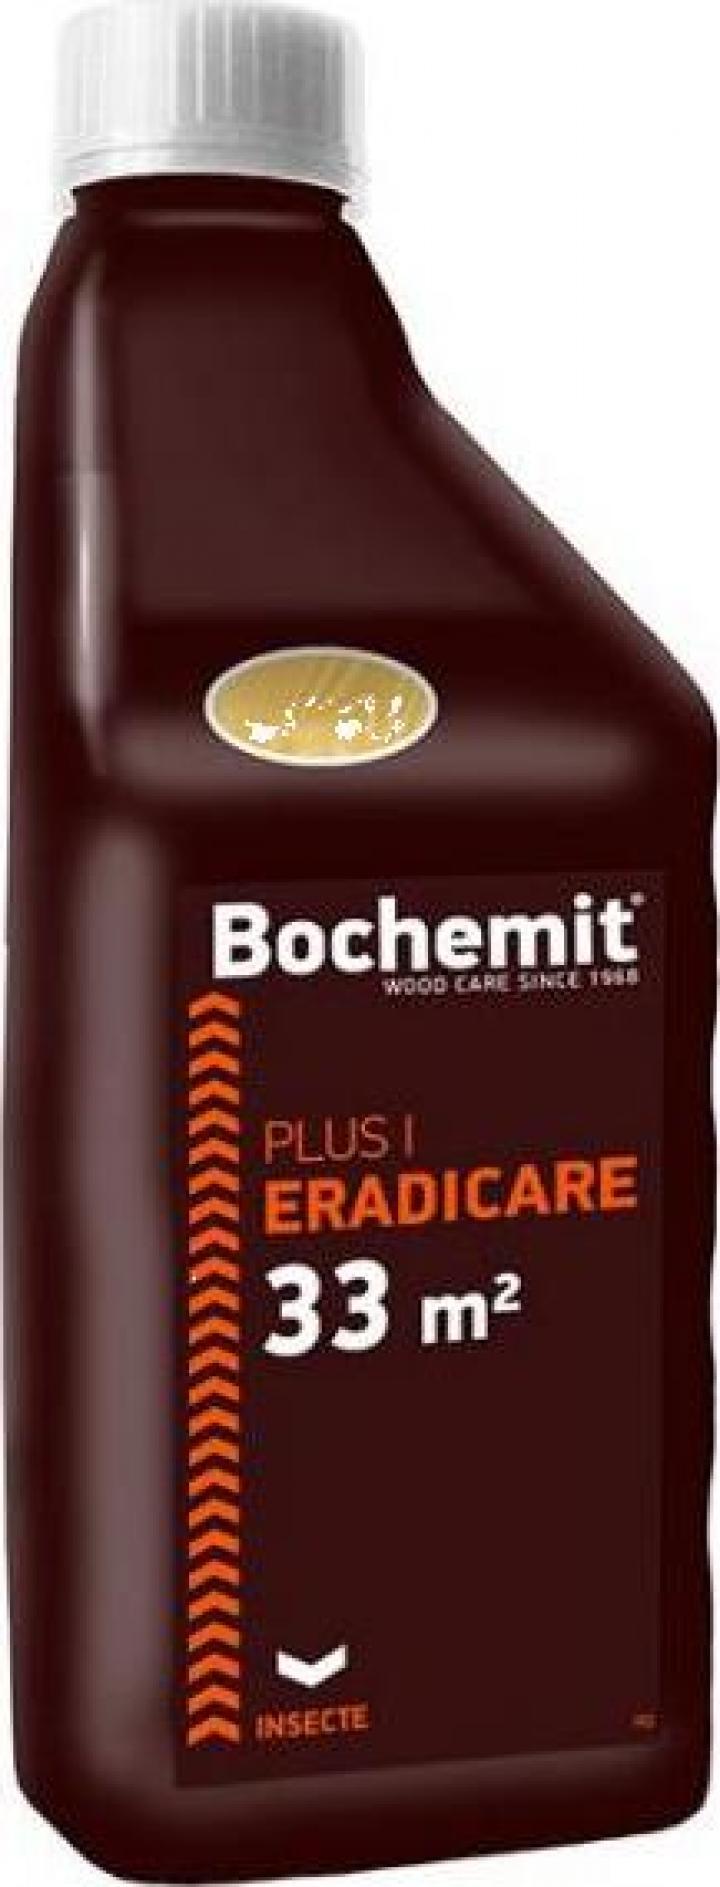 Solutie eliminare insecte lemn atacat - Bochemit Plus P 1 Kg